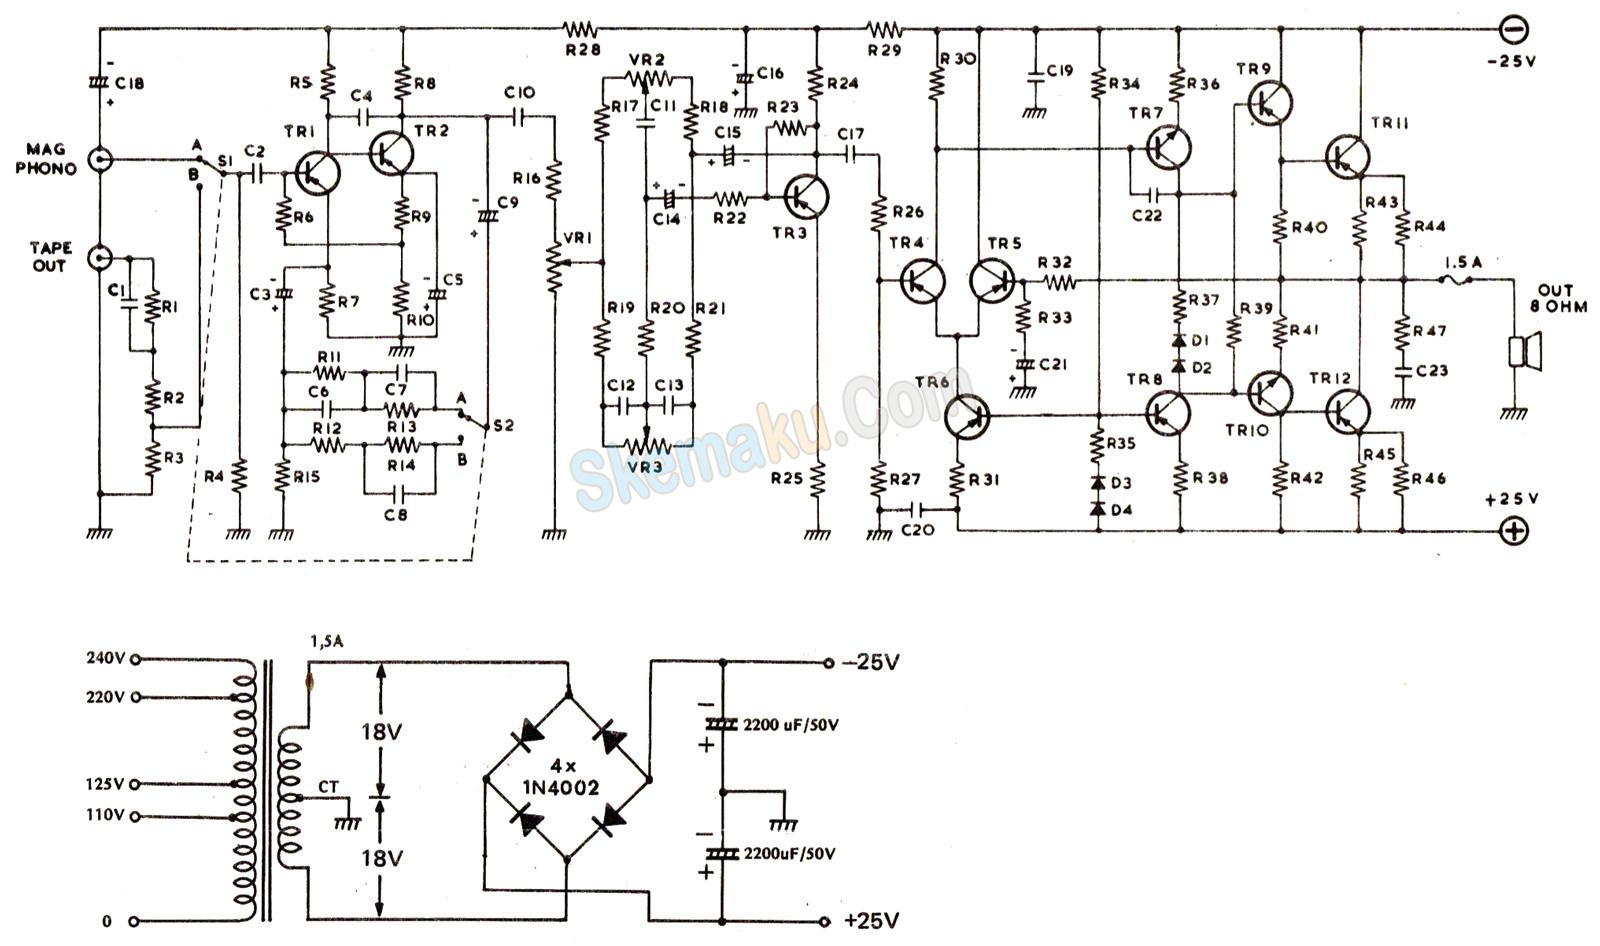 rangkaian amplifier ocl 20 watt hi-fi